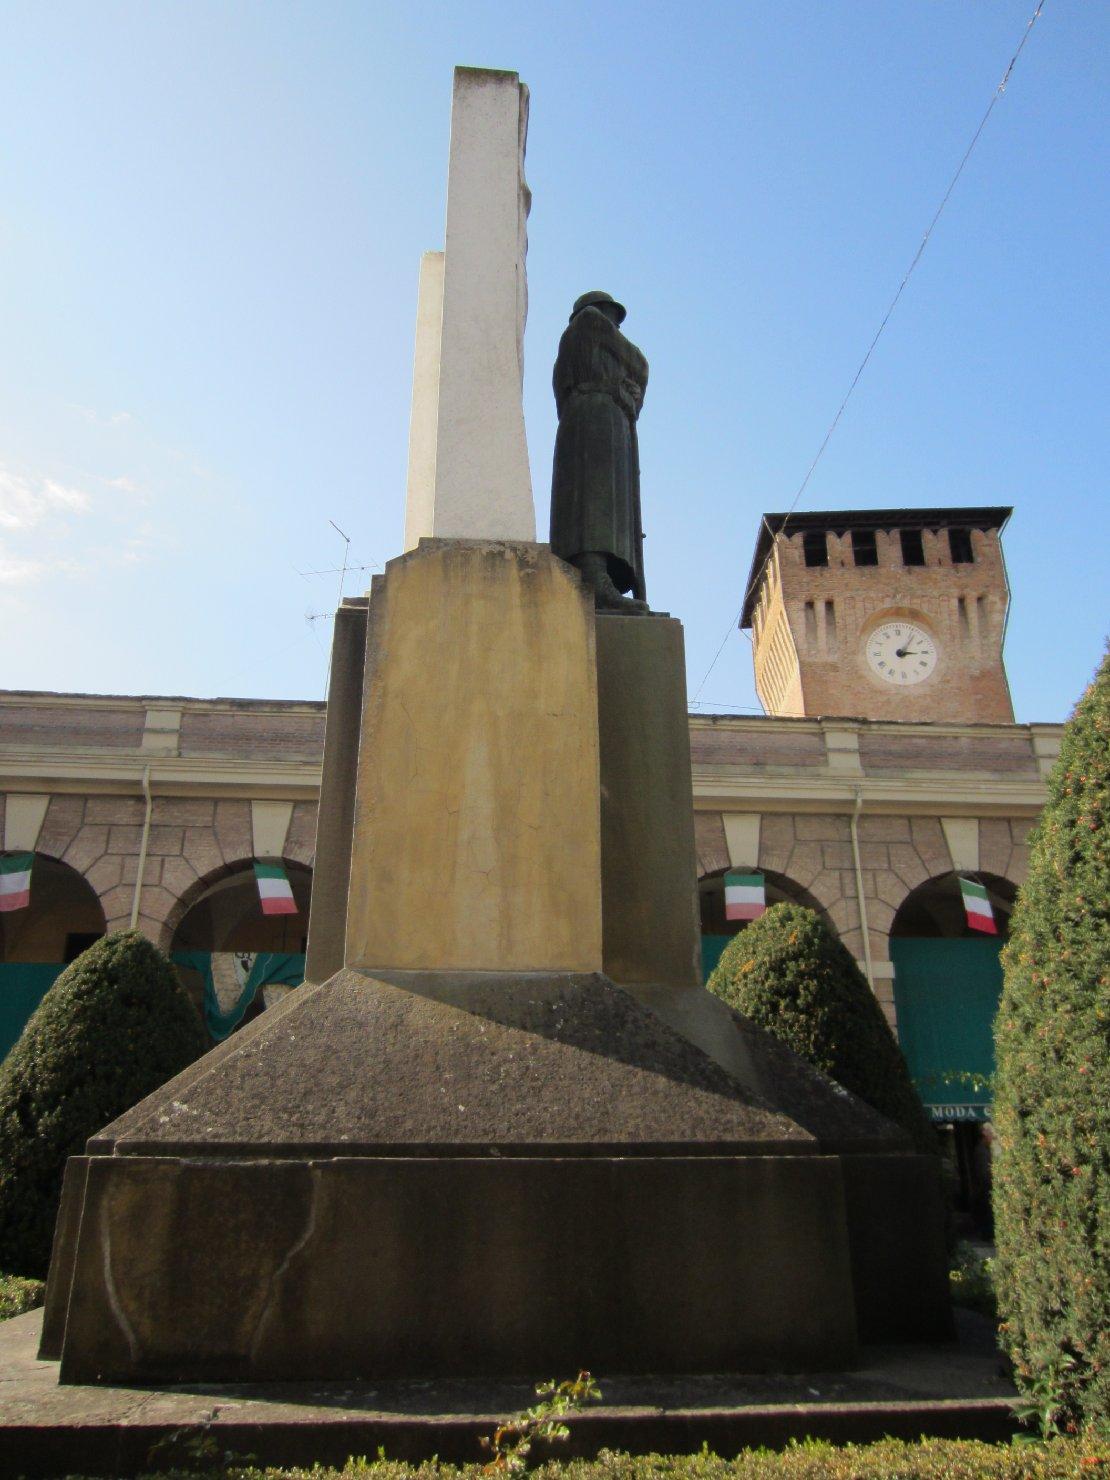 figura di soldato: fante, allegoria della Vittoria come donna vestita all'antica (monumento ai caduti - a cippo) di Bazzoni Alberto (sec. XX)